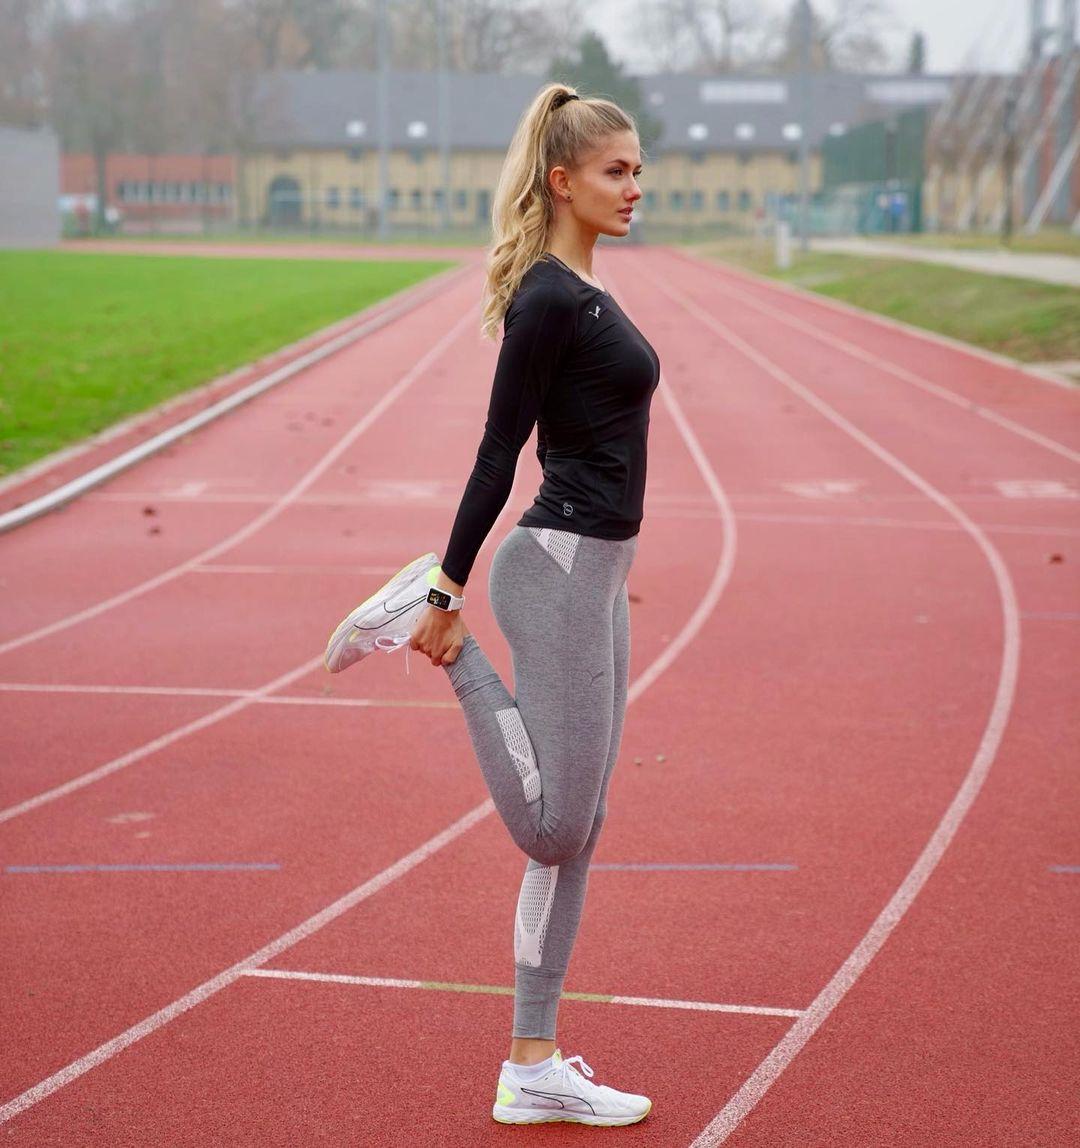 Dàn mỹ nhân thể thao mừng mùa Lễ hội: Người đẹp như thiên thần, kẻ chăm chỉ tập luyện nhưng vẫn toát lên thần thái tuyệt phẩm - Ảnh 3.